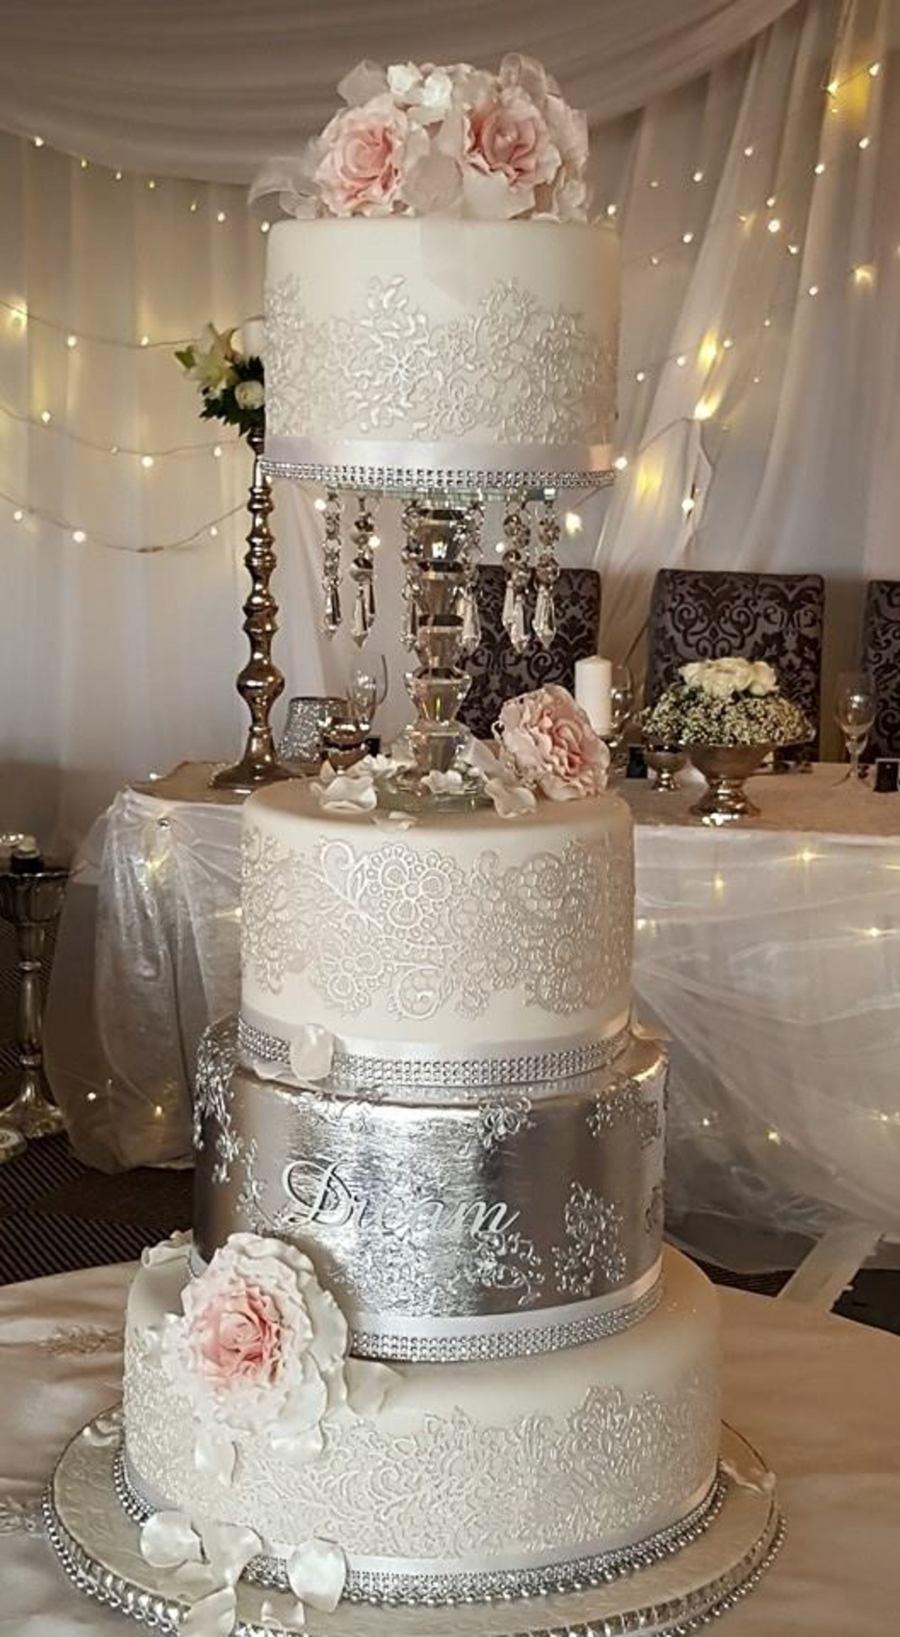 Wedding Cake Silver Dreams 2015 Cornelia Marreiros